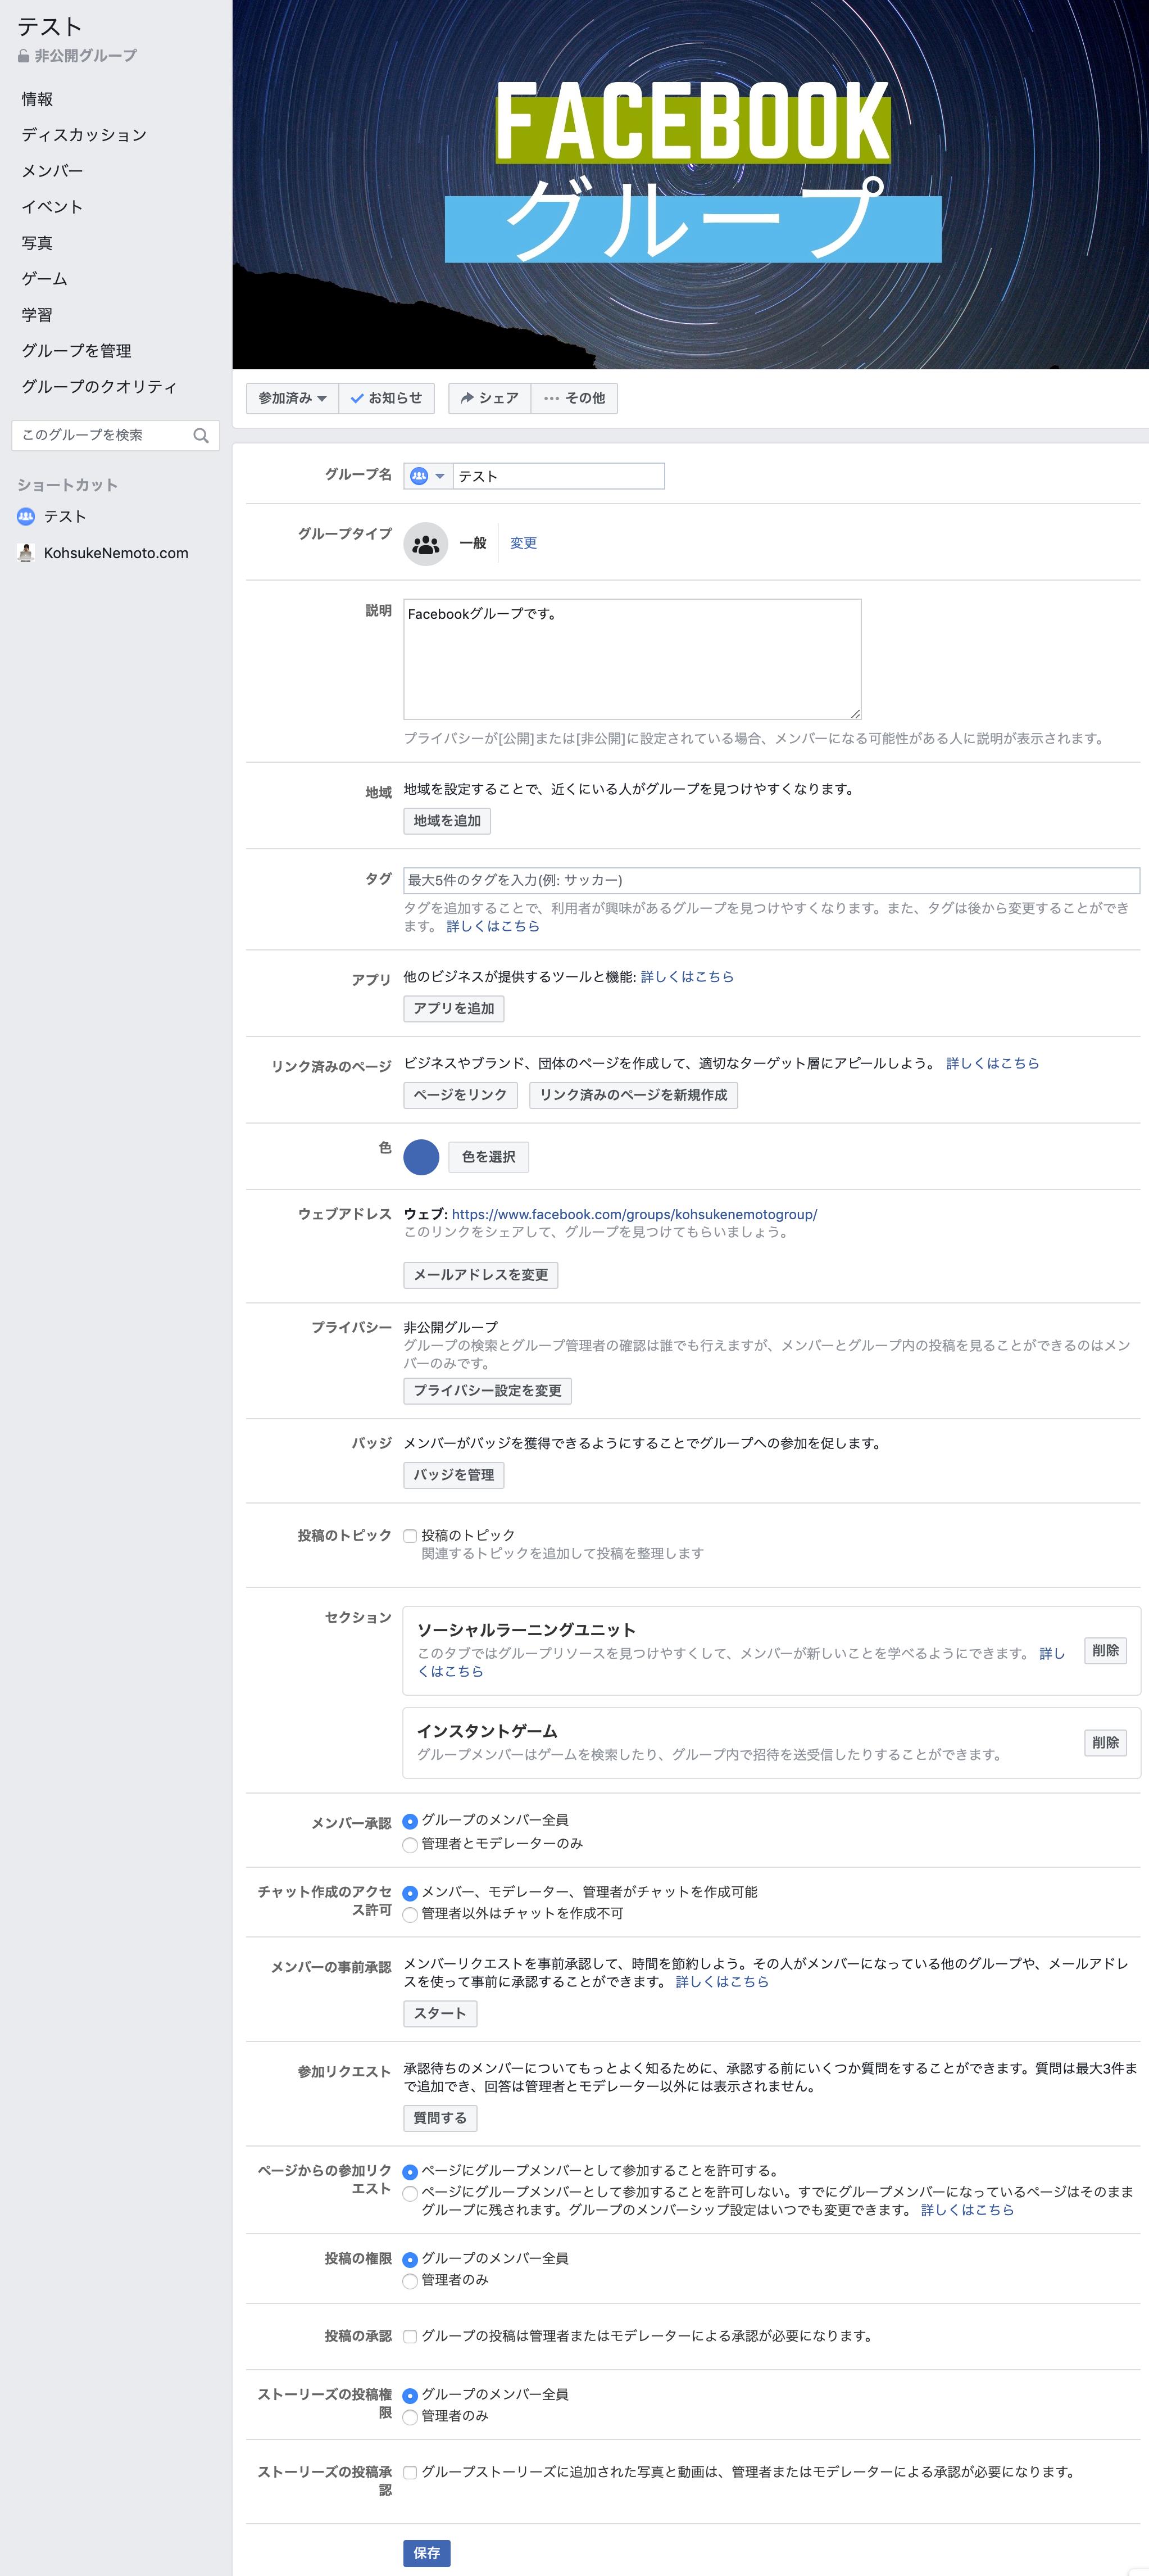 Facebookグループの設定を編集する